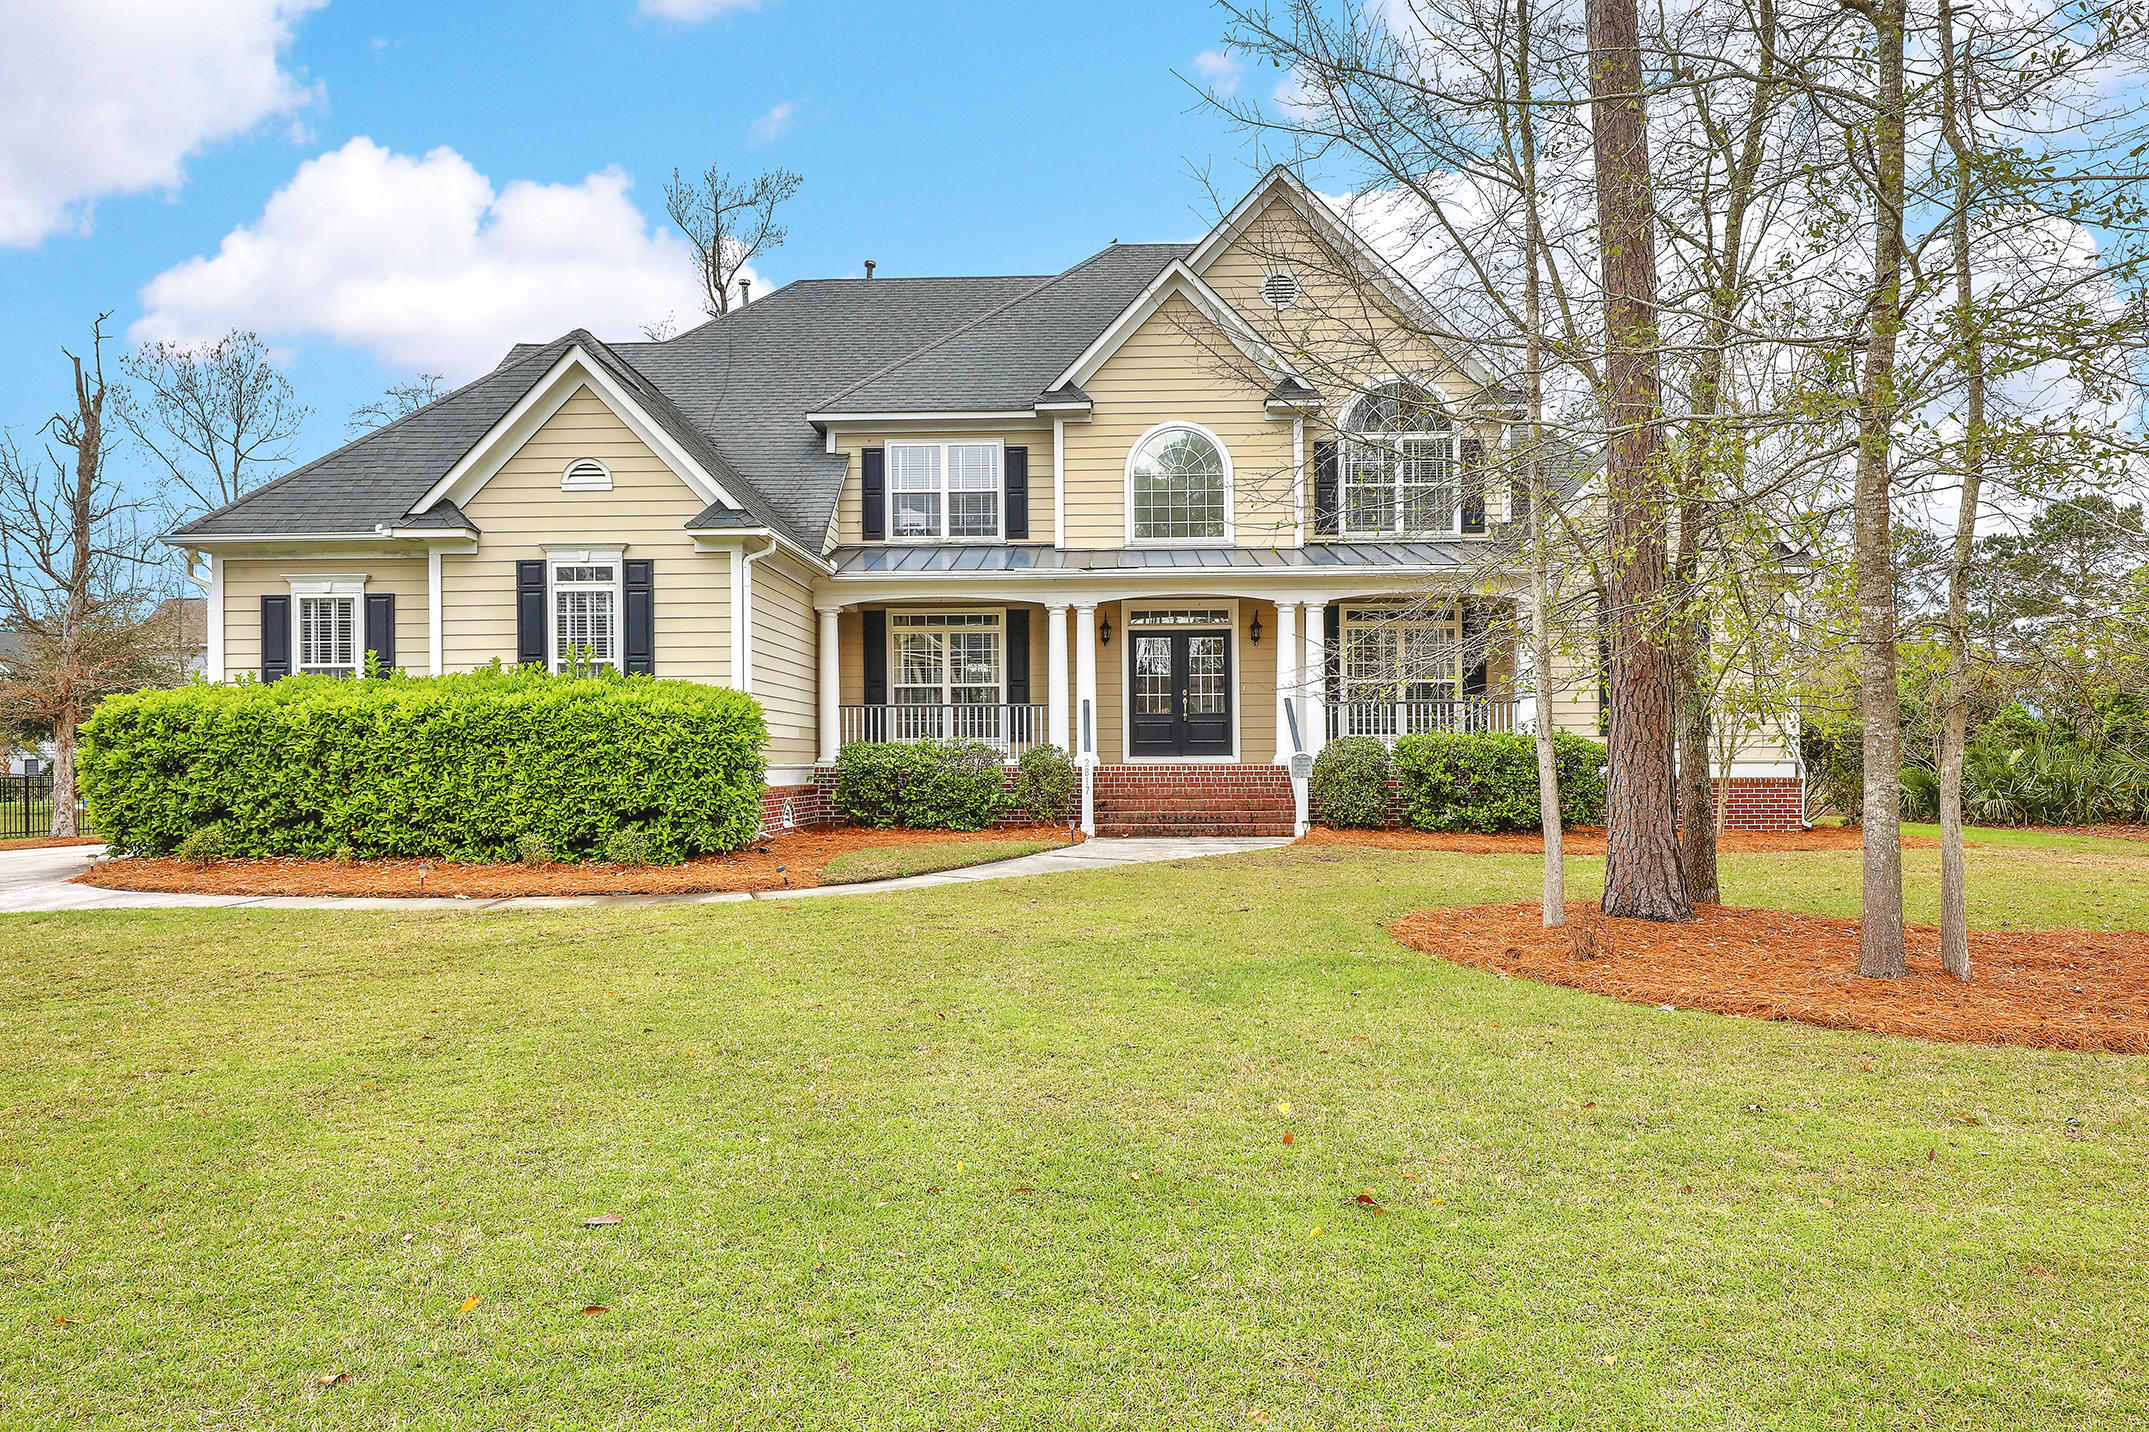 Dunes West Homes For Sale - 2817 Oak Manor, Mount Pleasant, SC - 26